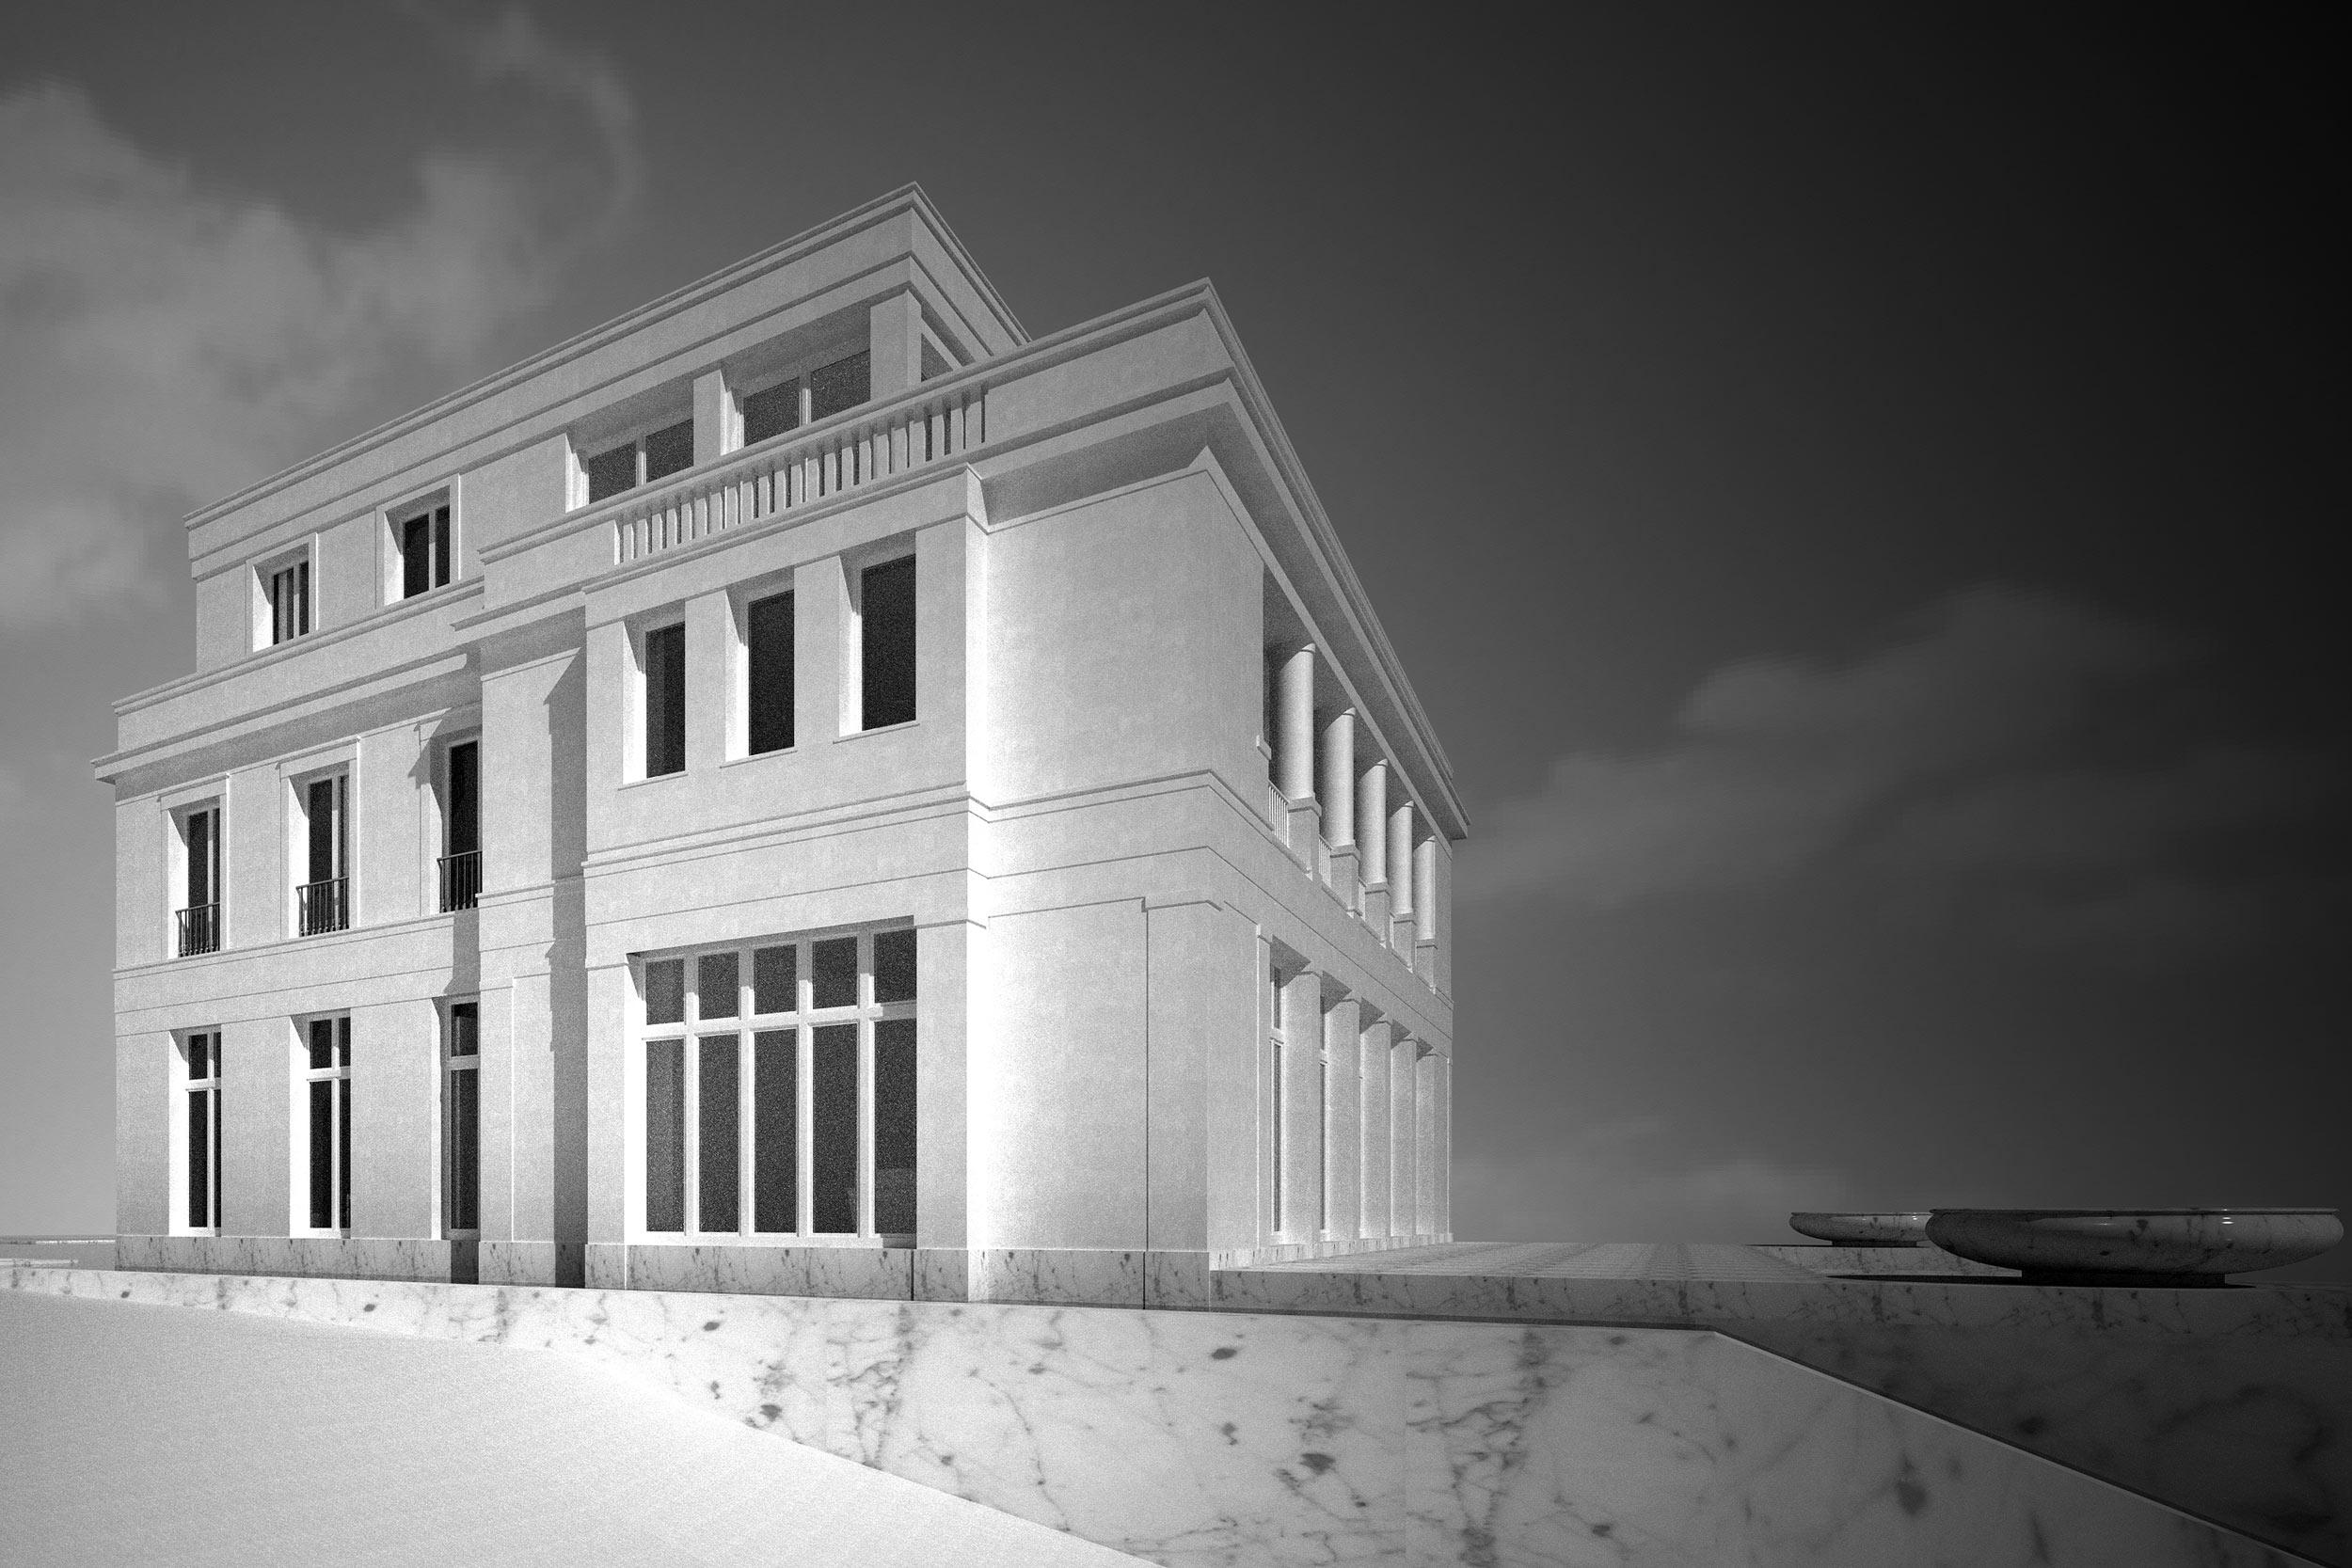 Die Anordnung der Altbaufenster erzeugen eine proportionierter Harmonie